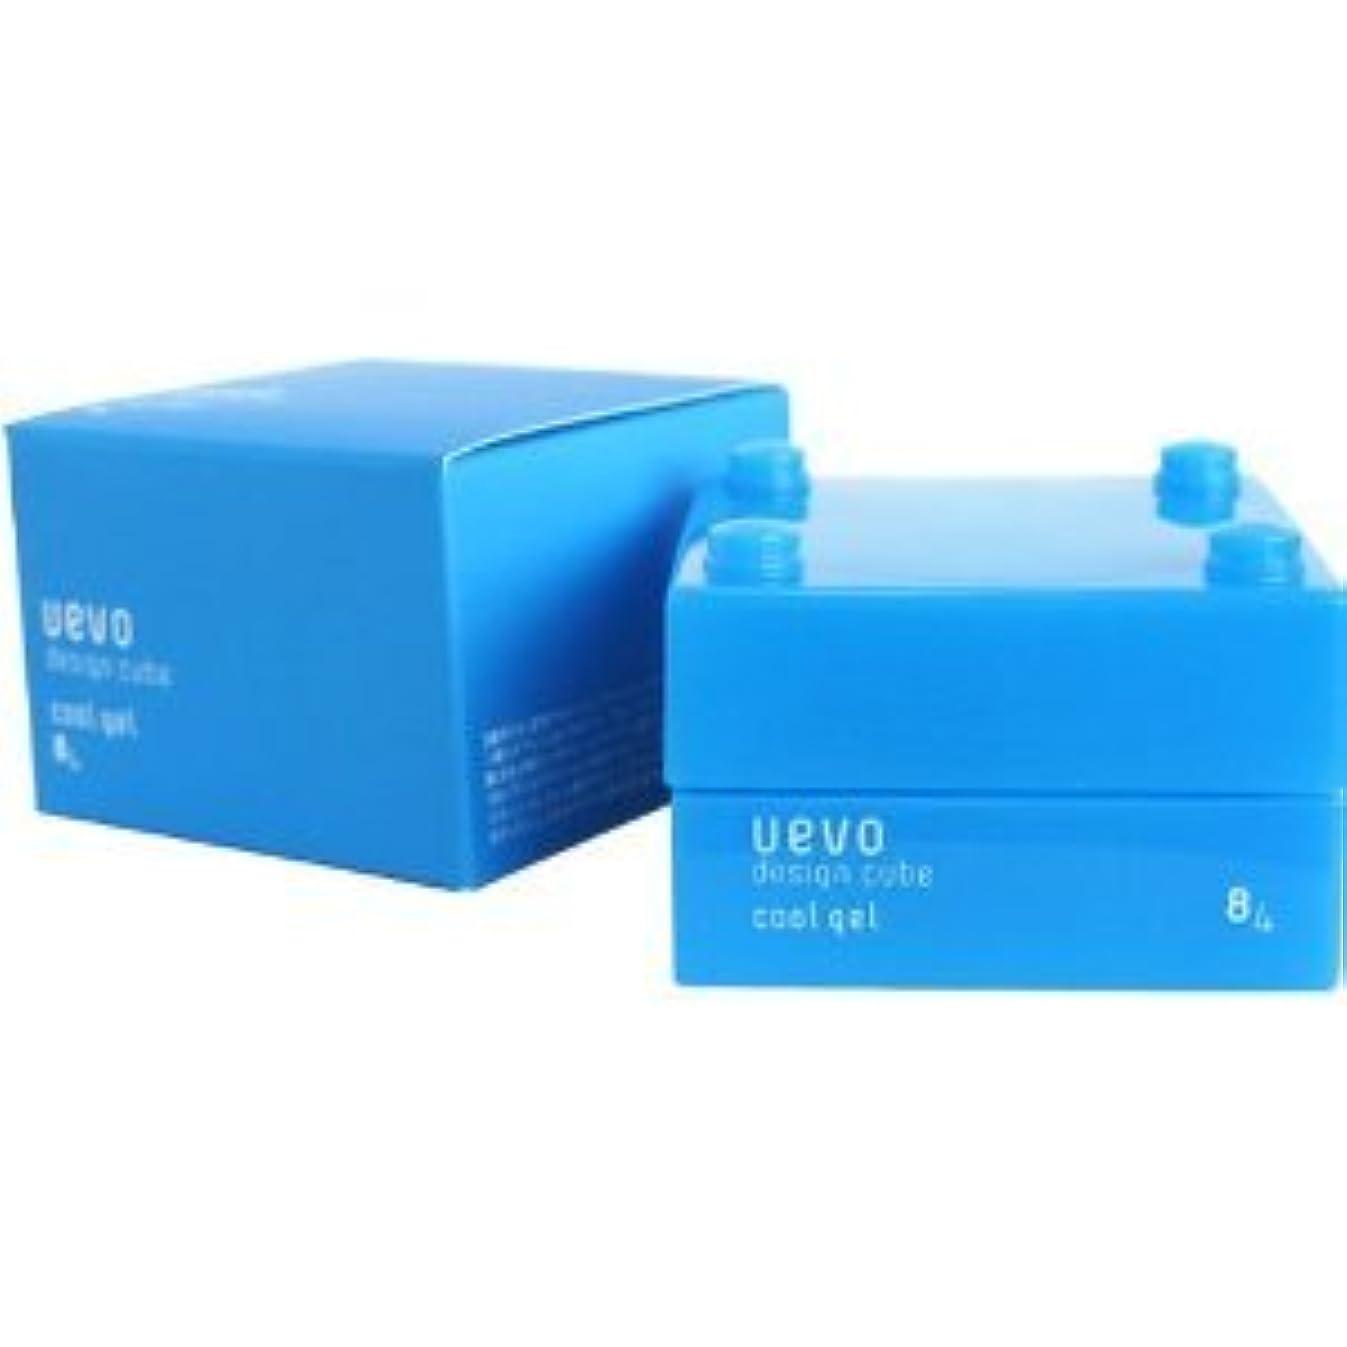 硬化する創傷意味する【X2個セット】 デミ ウェーボ デザインキューブ クールジェル 30g cool gel DEMI uevo design cube